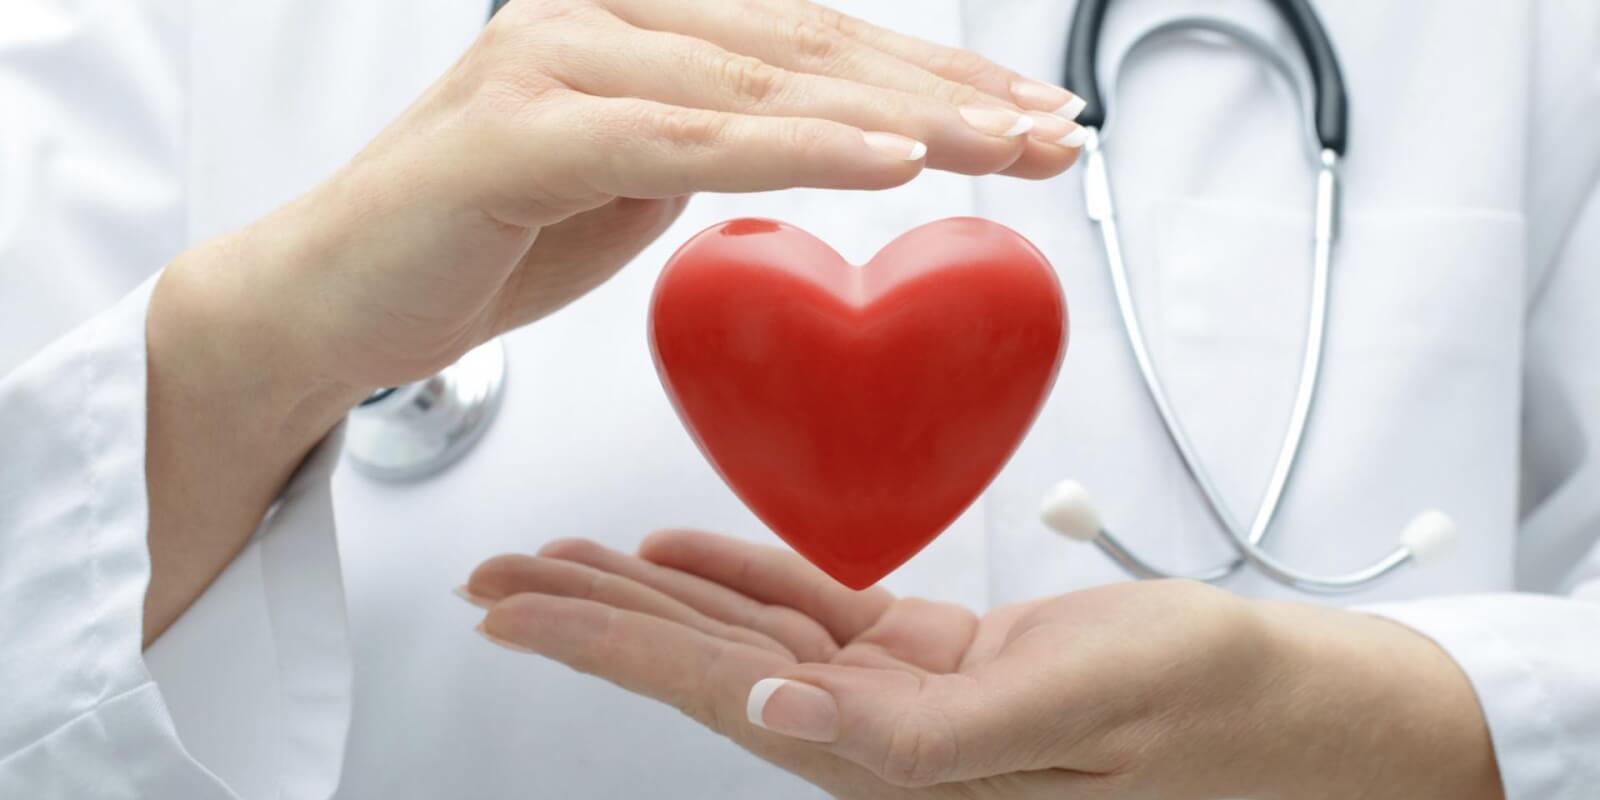 Чем укрепить сердечную мышцу: продукты, диета и упражнения